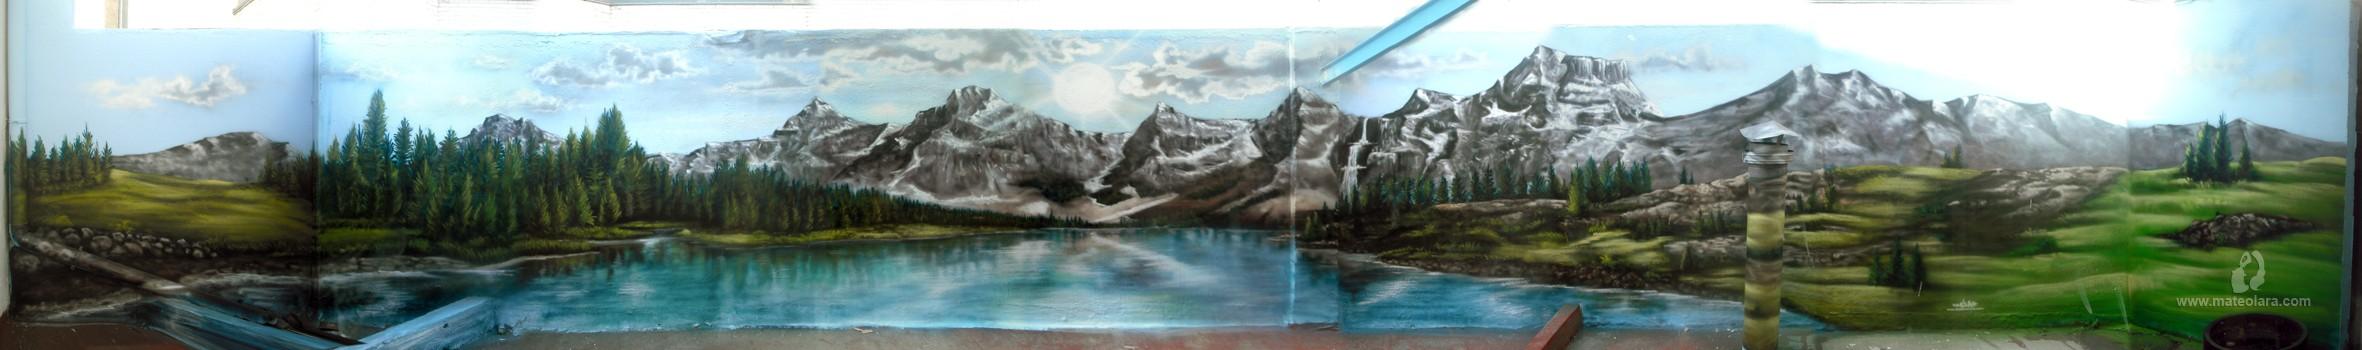 paisajes-3d-envolvente